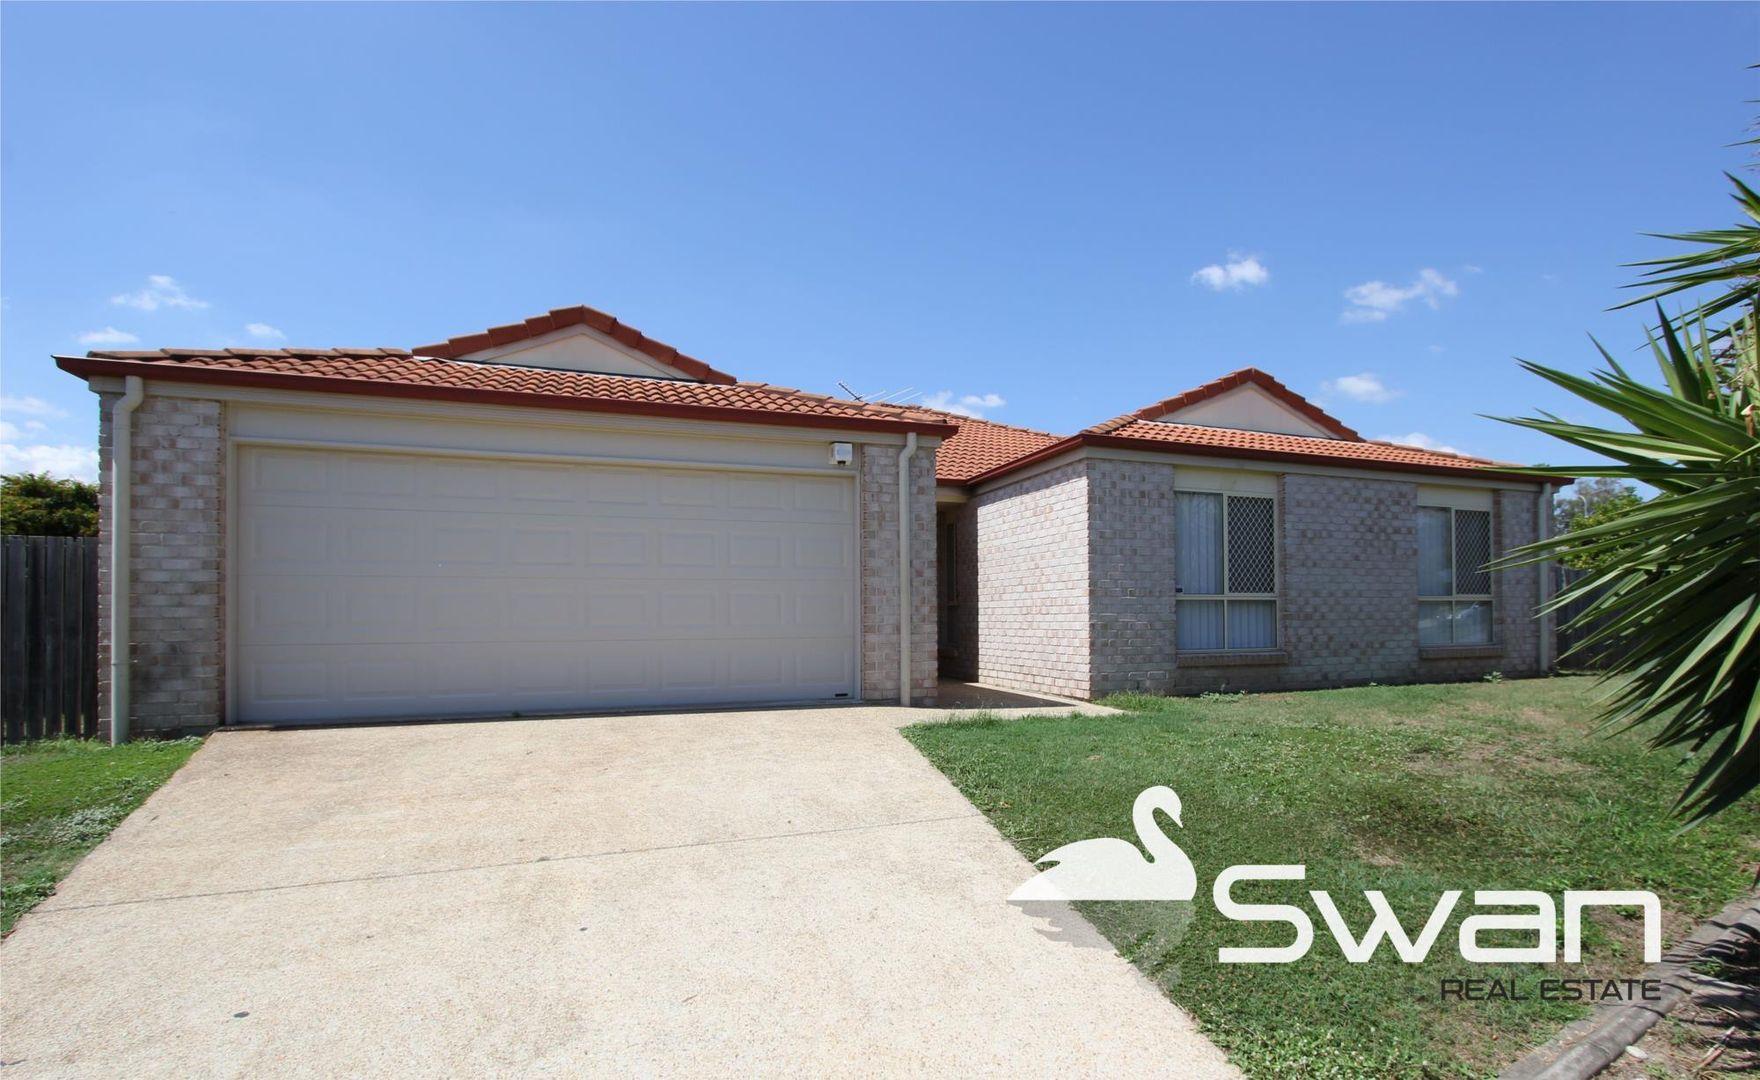 1 Conradi Avenue, Crestmead QLD 4132, Image 0